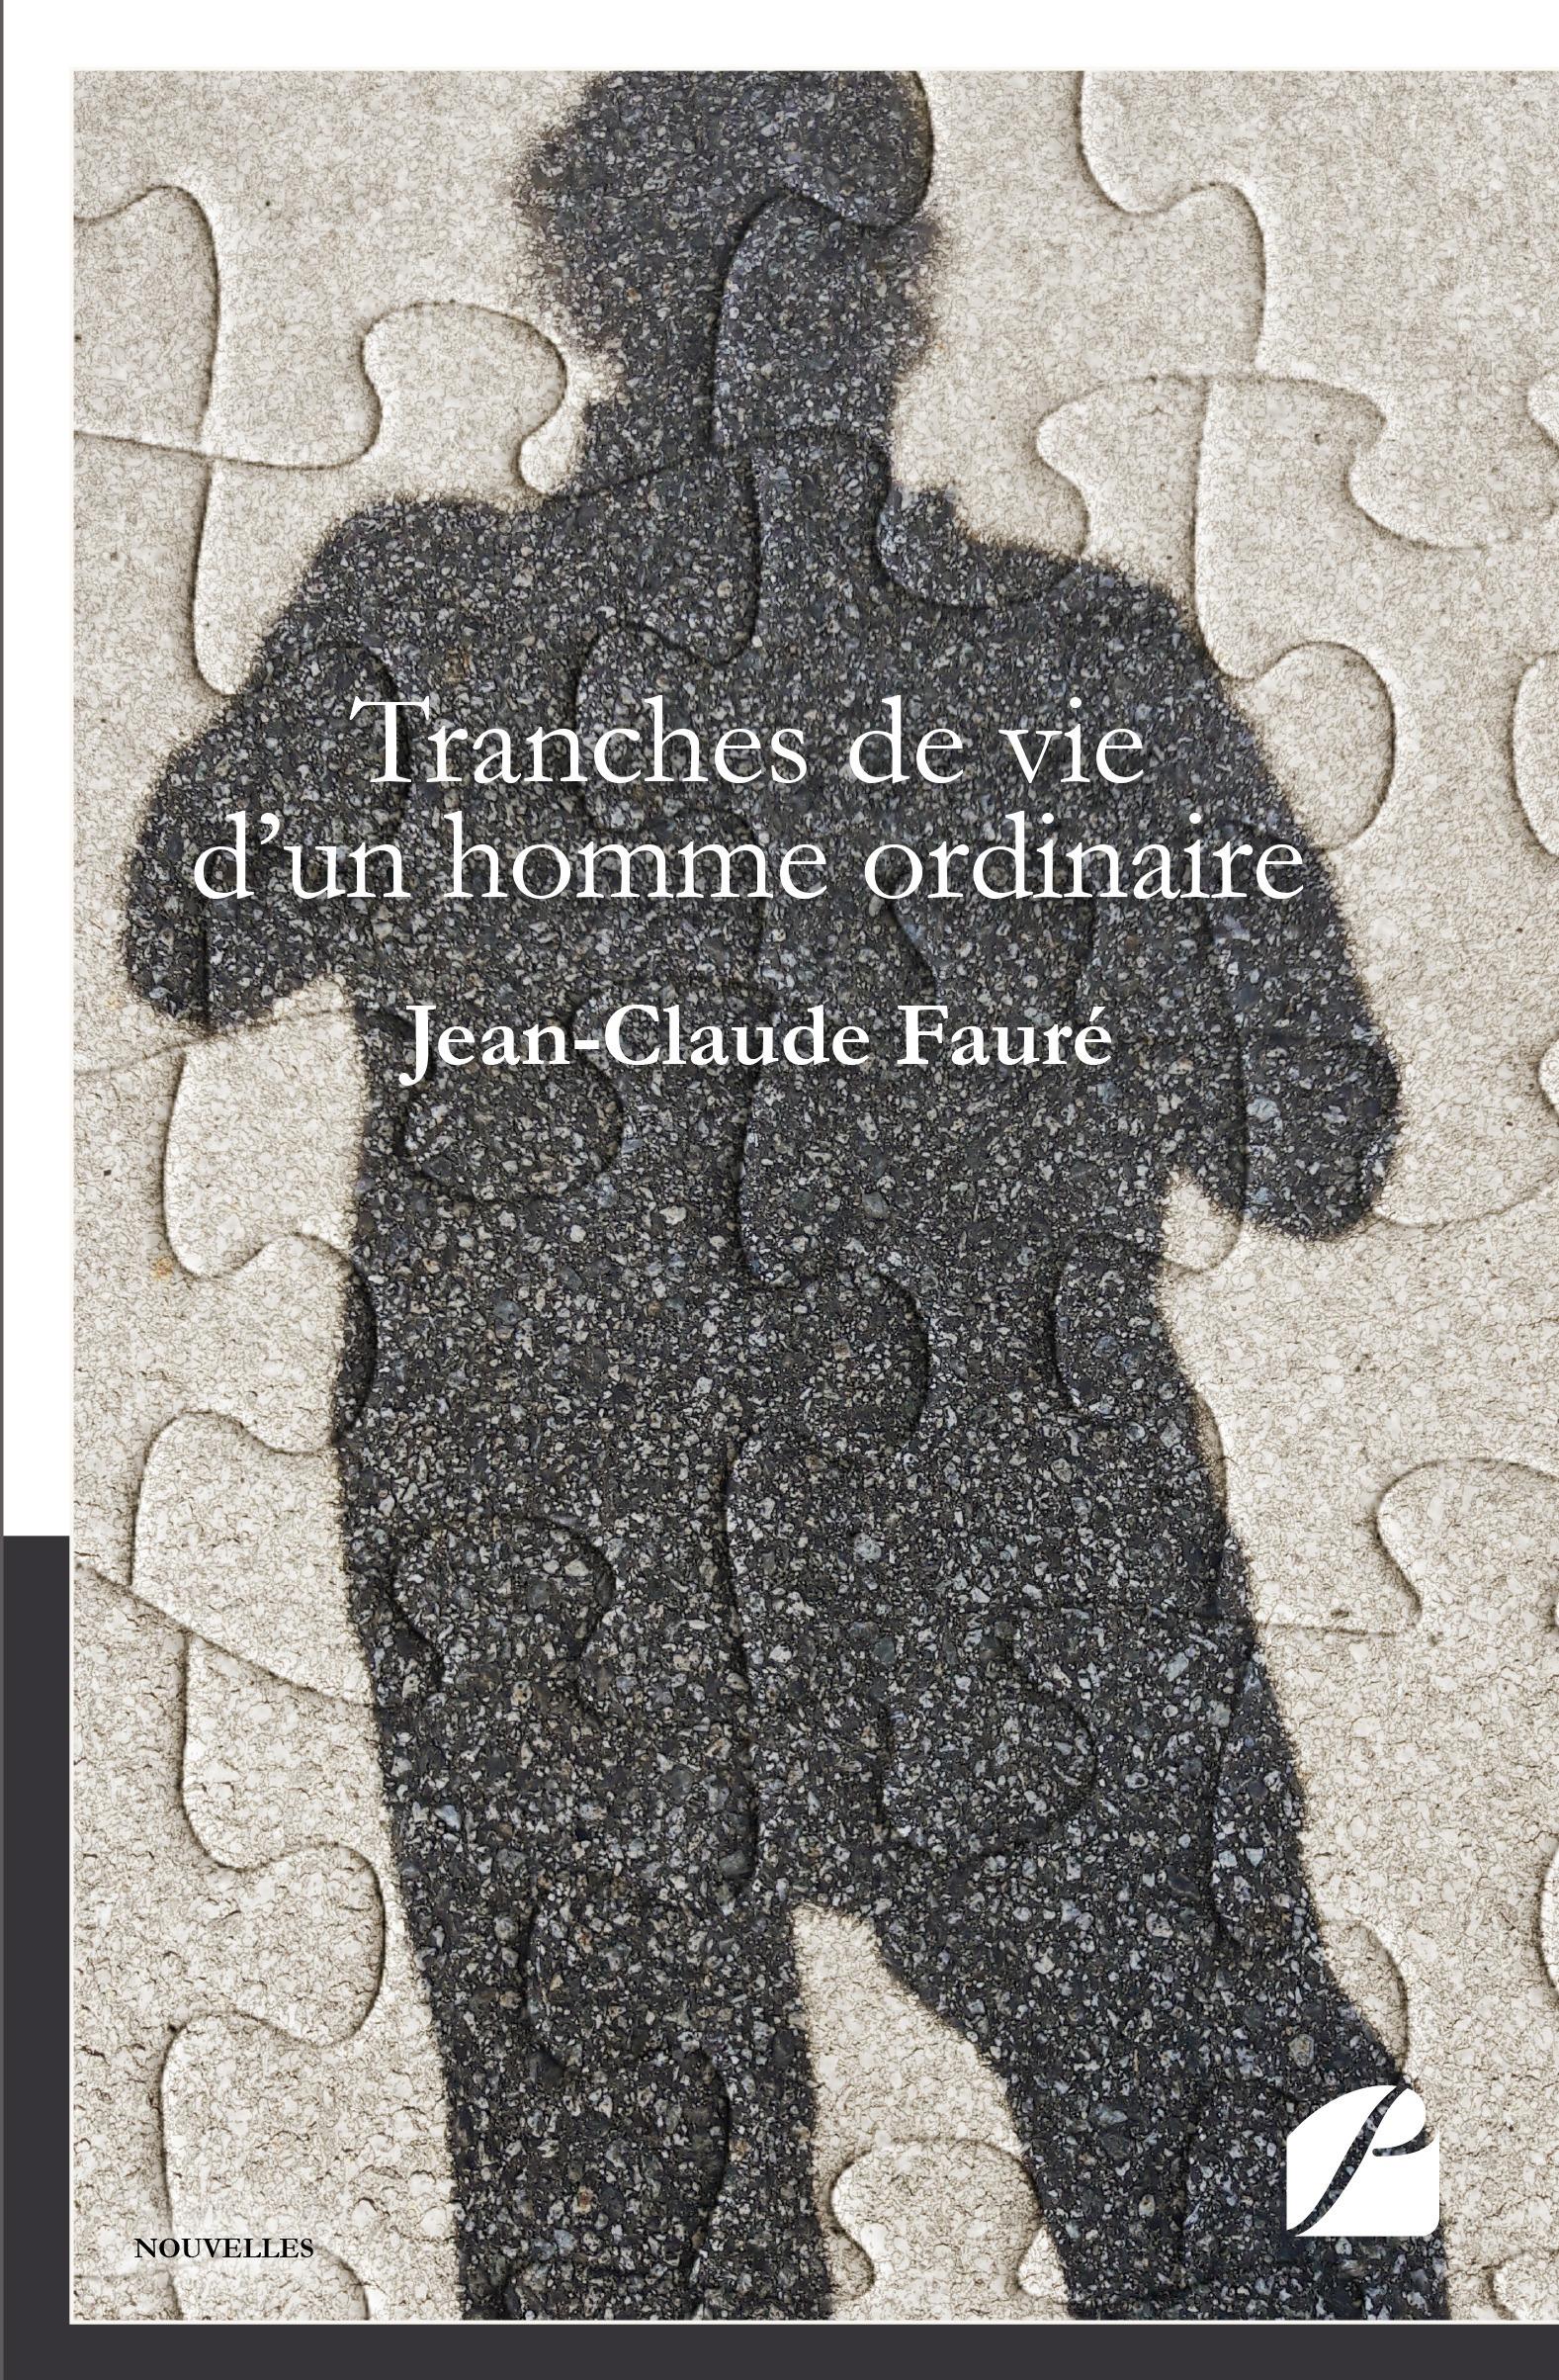 Jean-Claude Fauré Tranches de vie d'un homme ordinaire